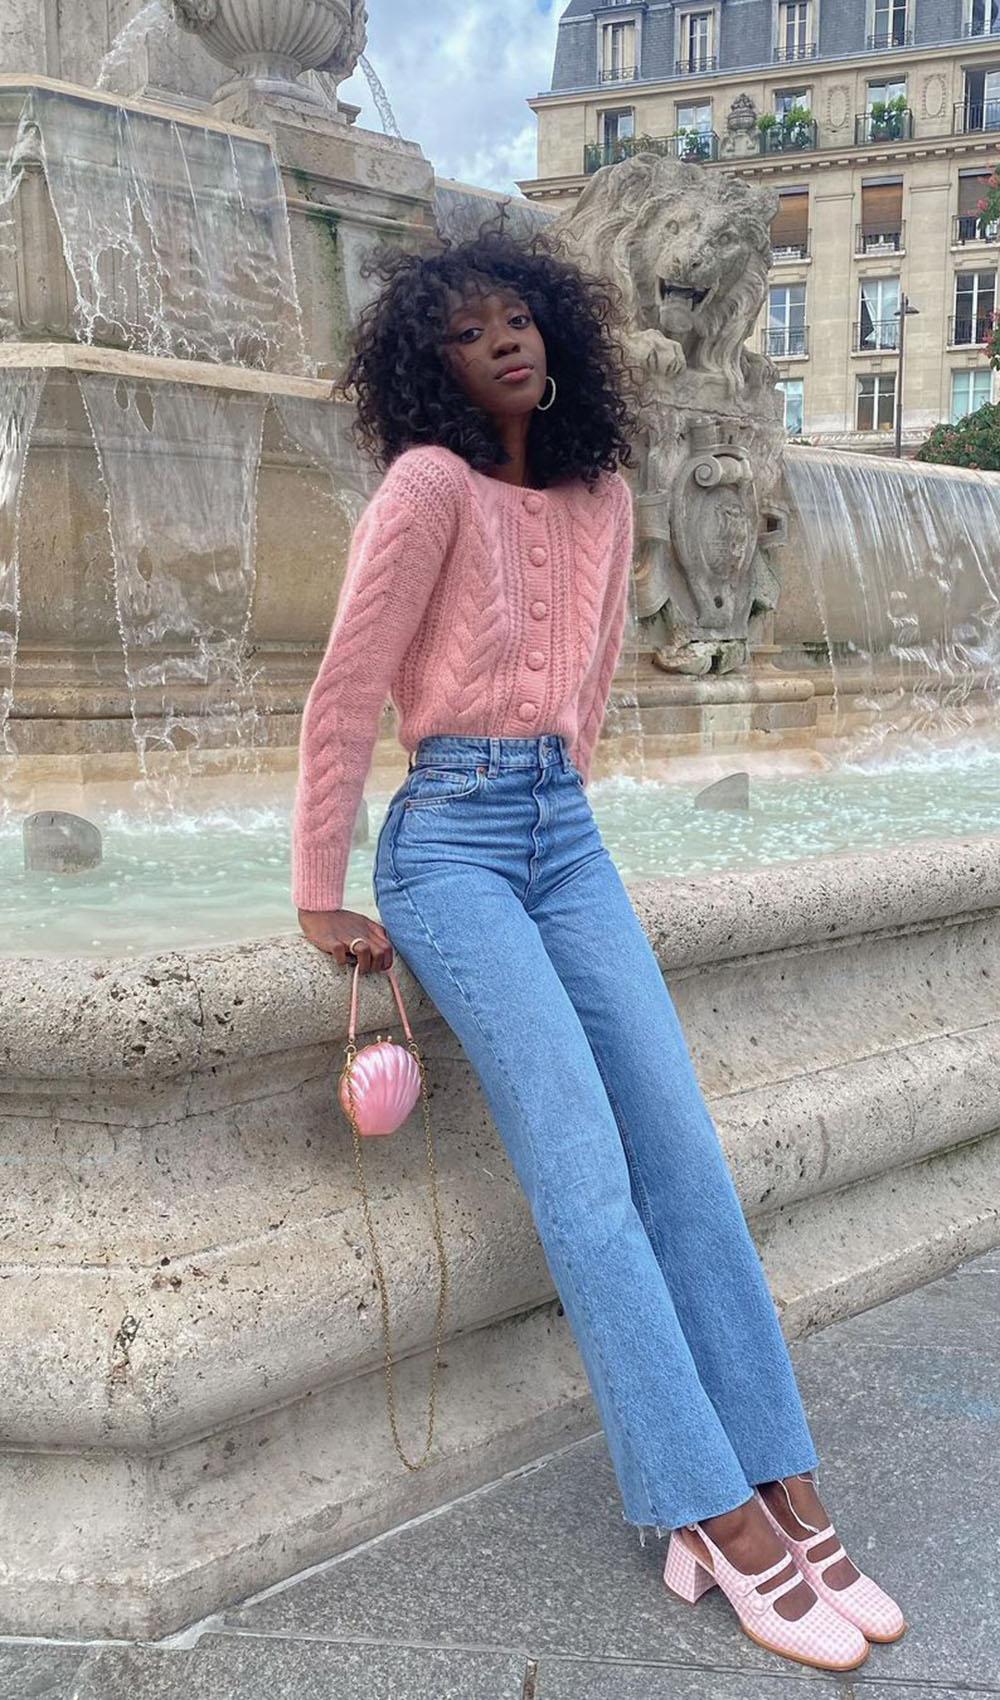 Suéter rosa, calça reta, sapato e bolsa rosa